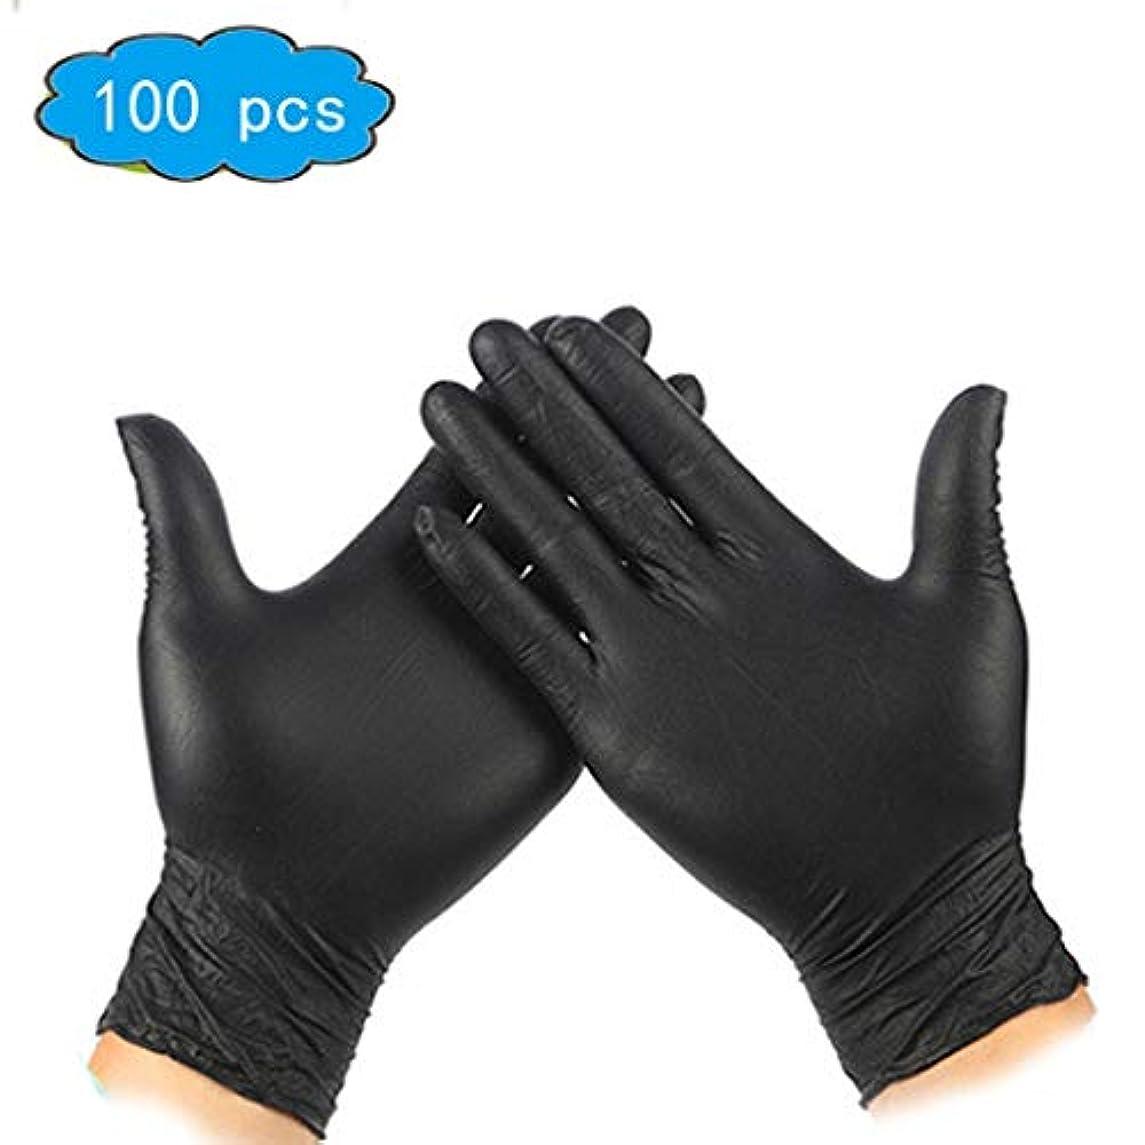 センサー横にナインへパウダーフリーブラックニトリル検査用手袋、指ヒント質感、100のボックス (Color : Black, Size : L)